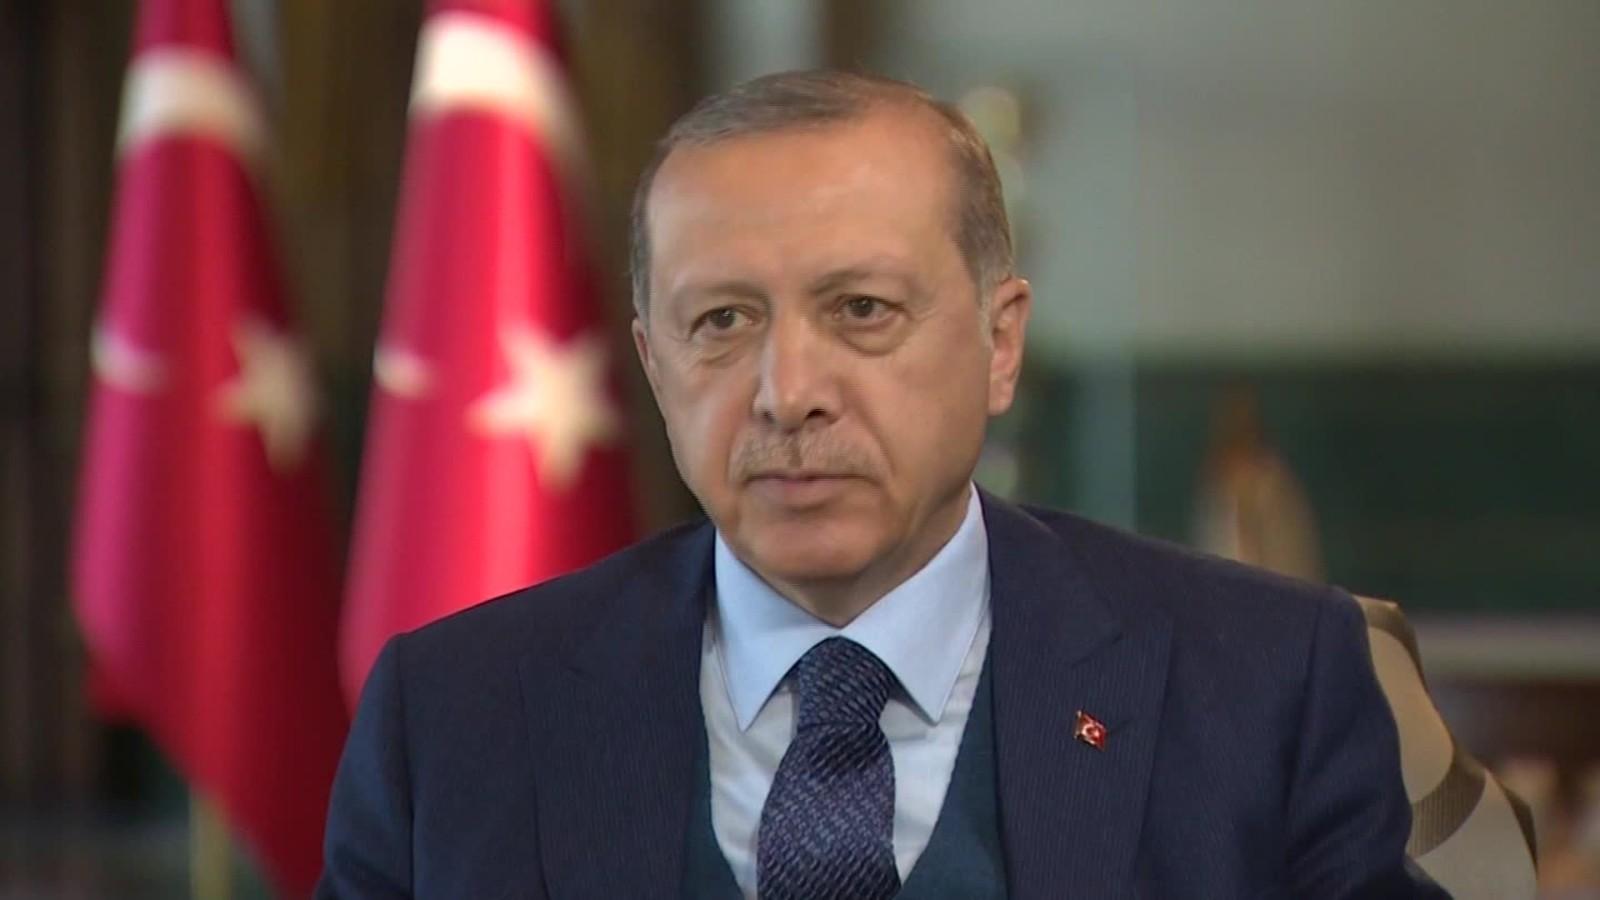 Ердоган: Они који нису успели да изведу државни удар сада покушавају да пронађу друге путеве